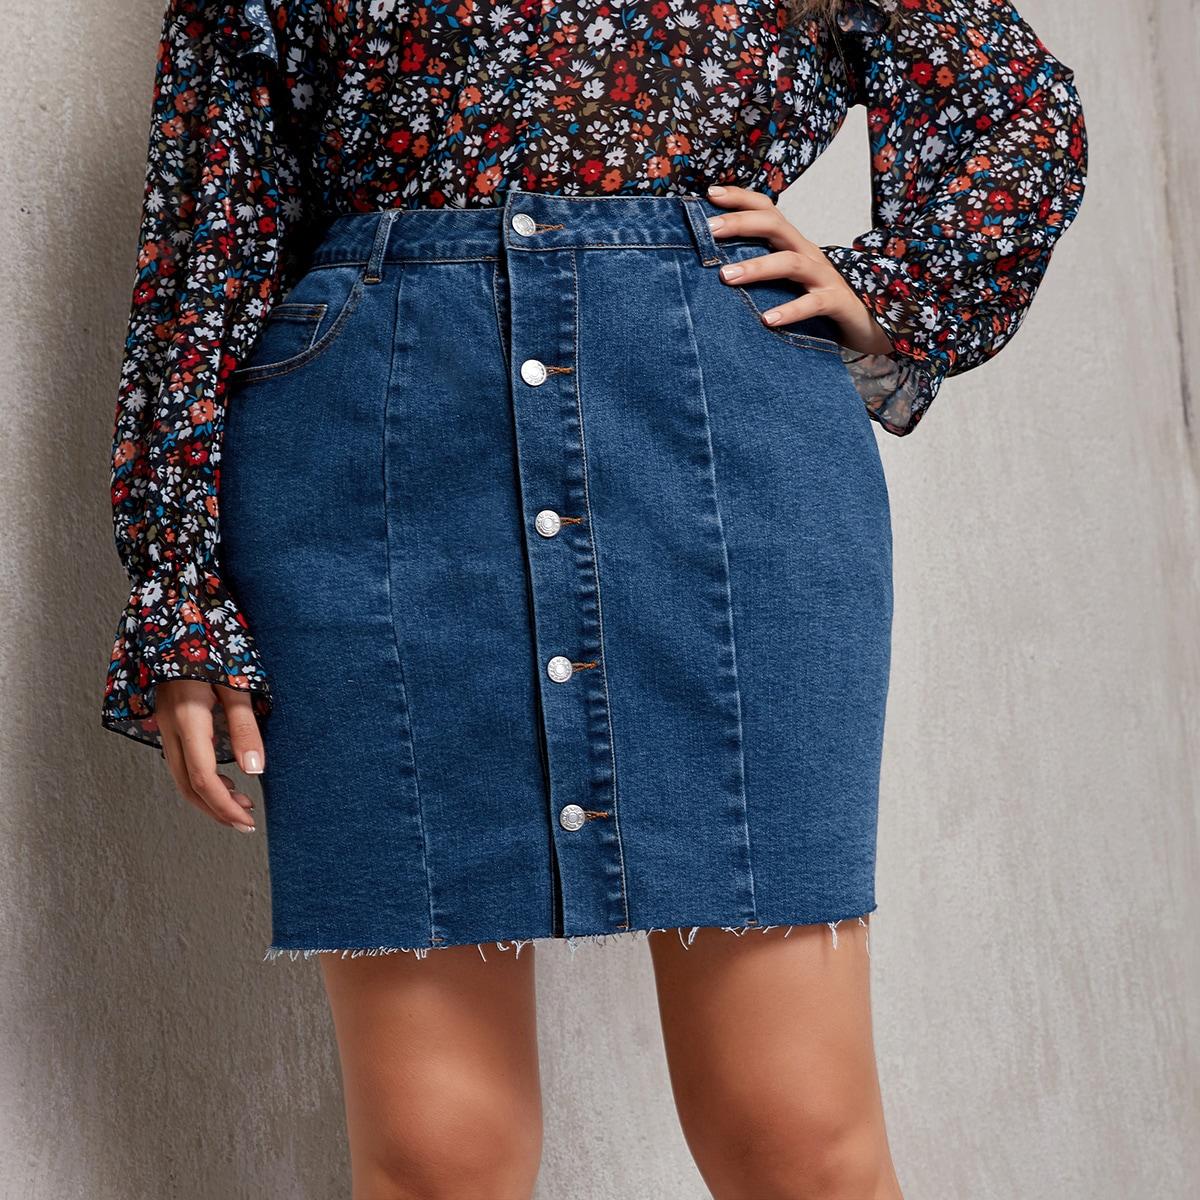 Джинсовая юбка на пуговицах размера плюс